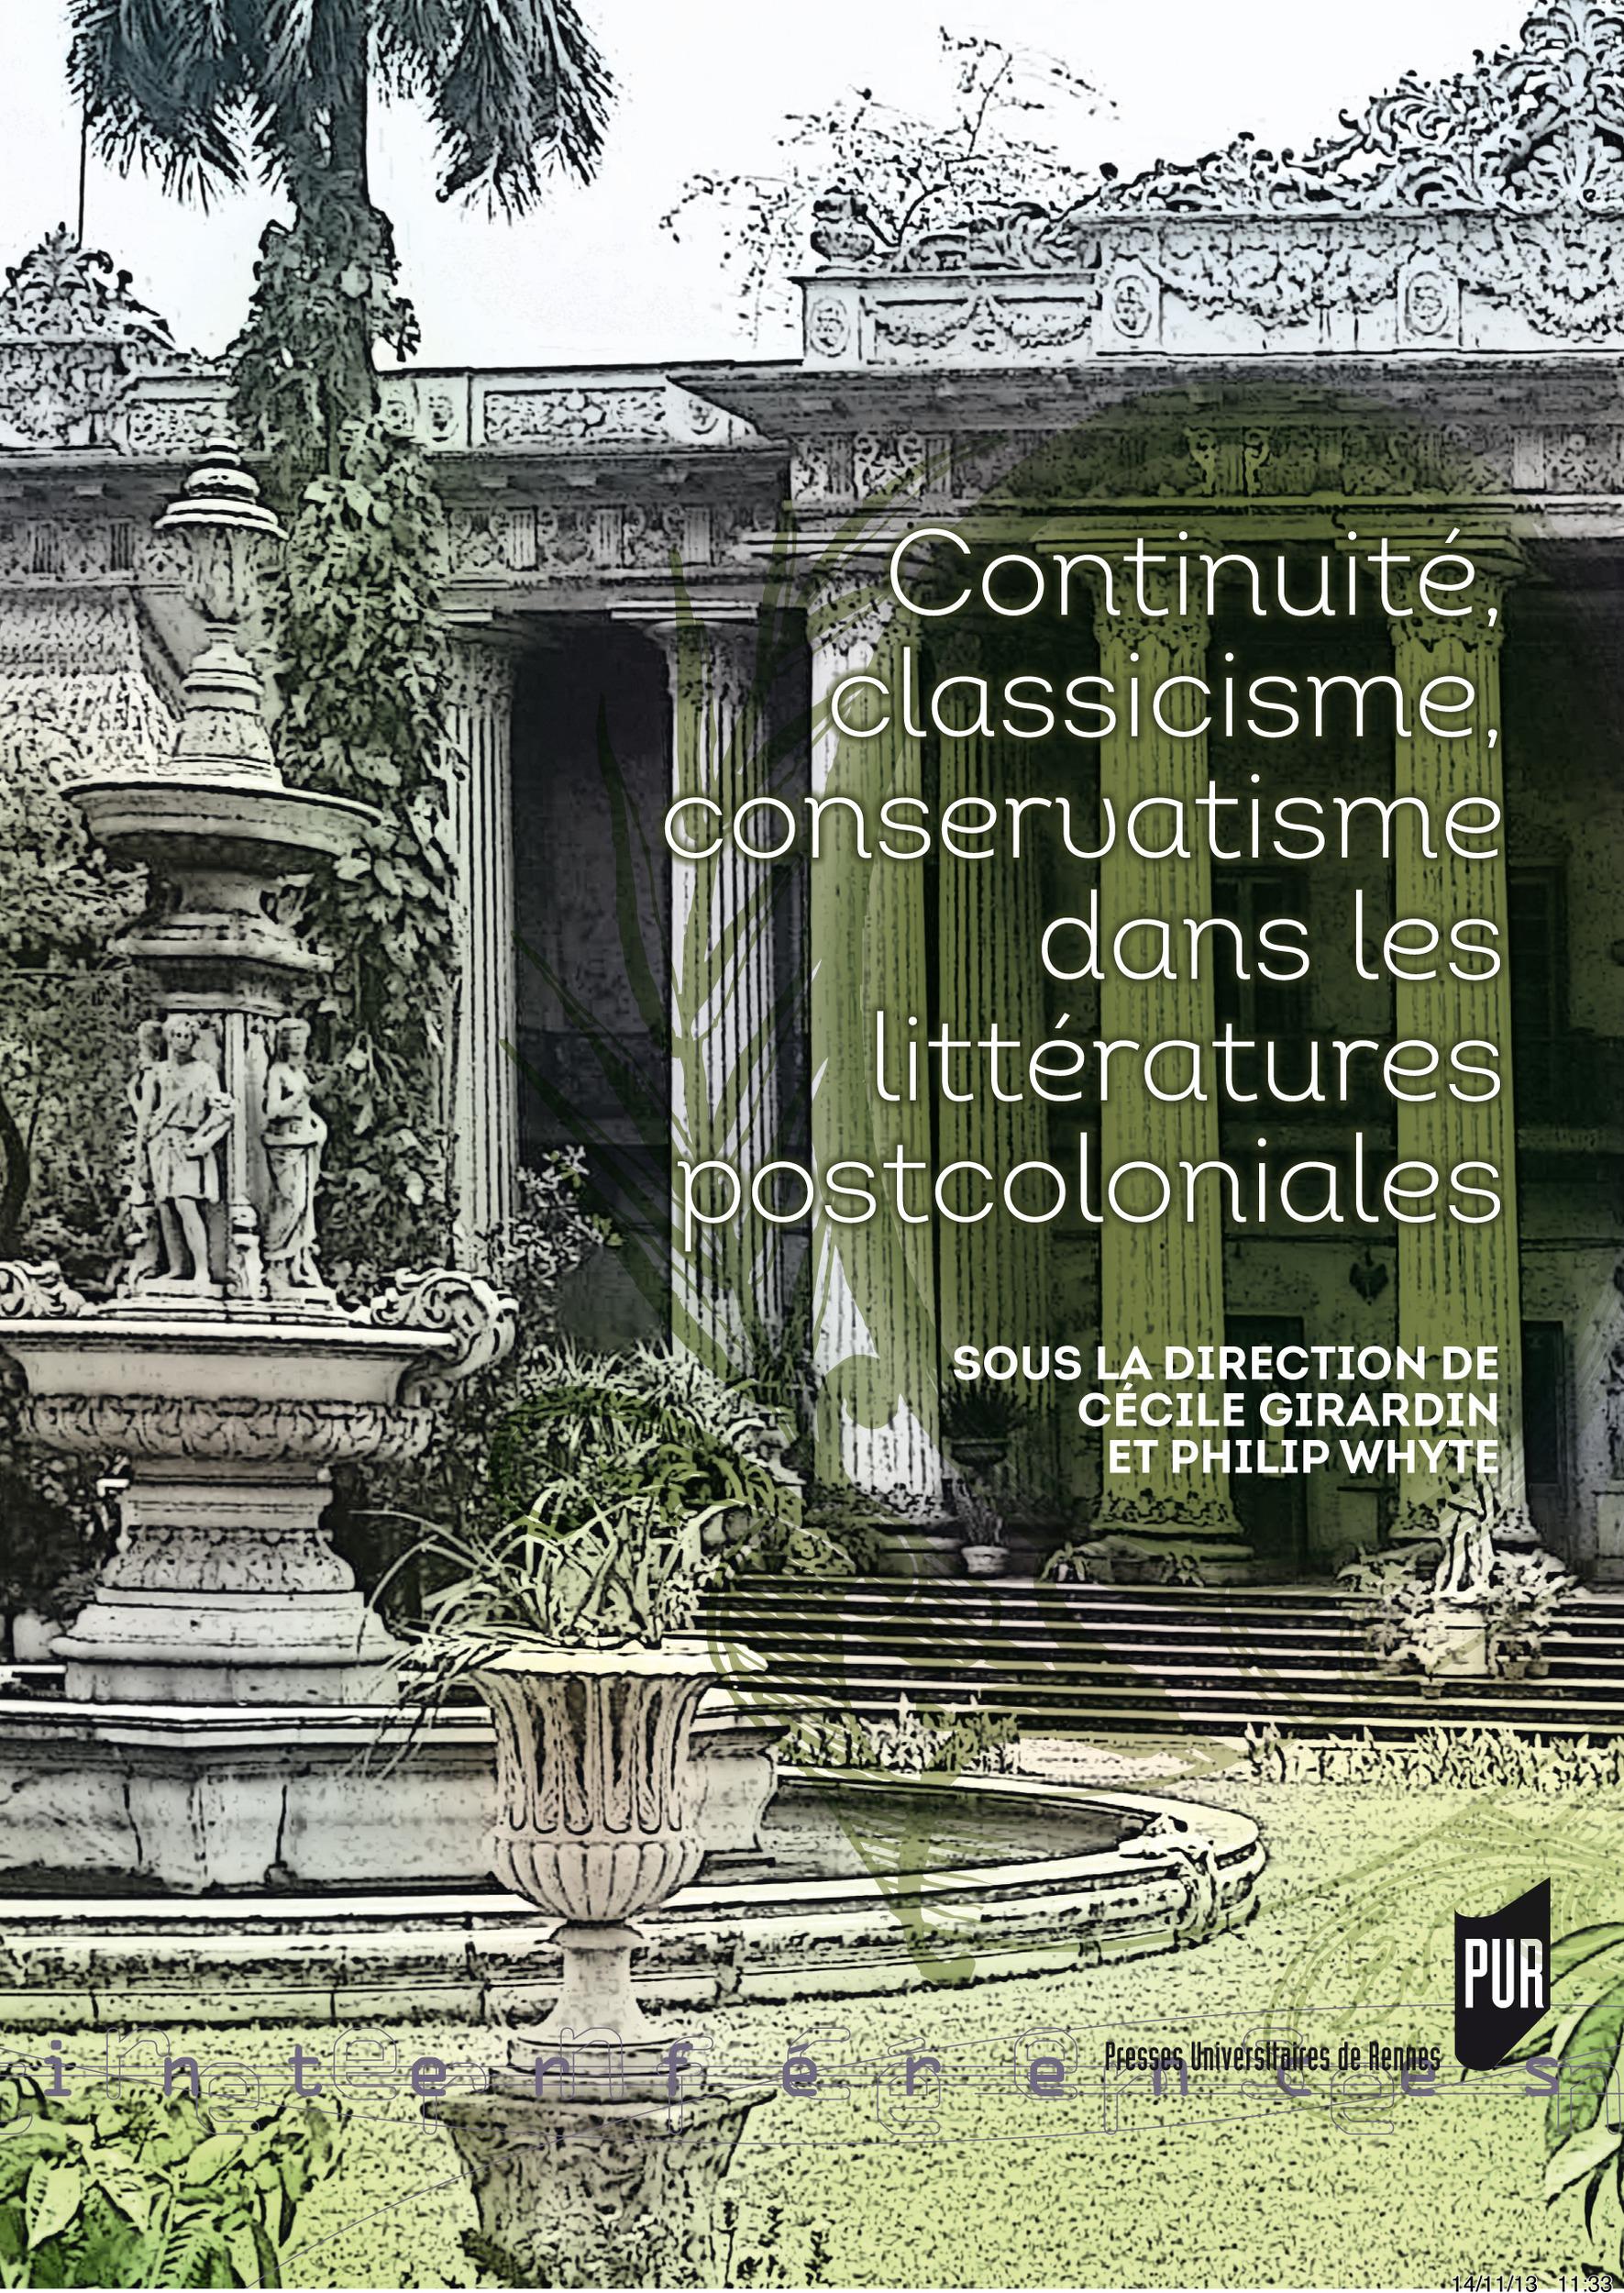 Continuité, classicisme, conservatisme dans les littératures postcoloniales  - Philip Whyte